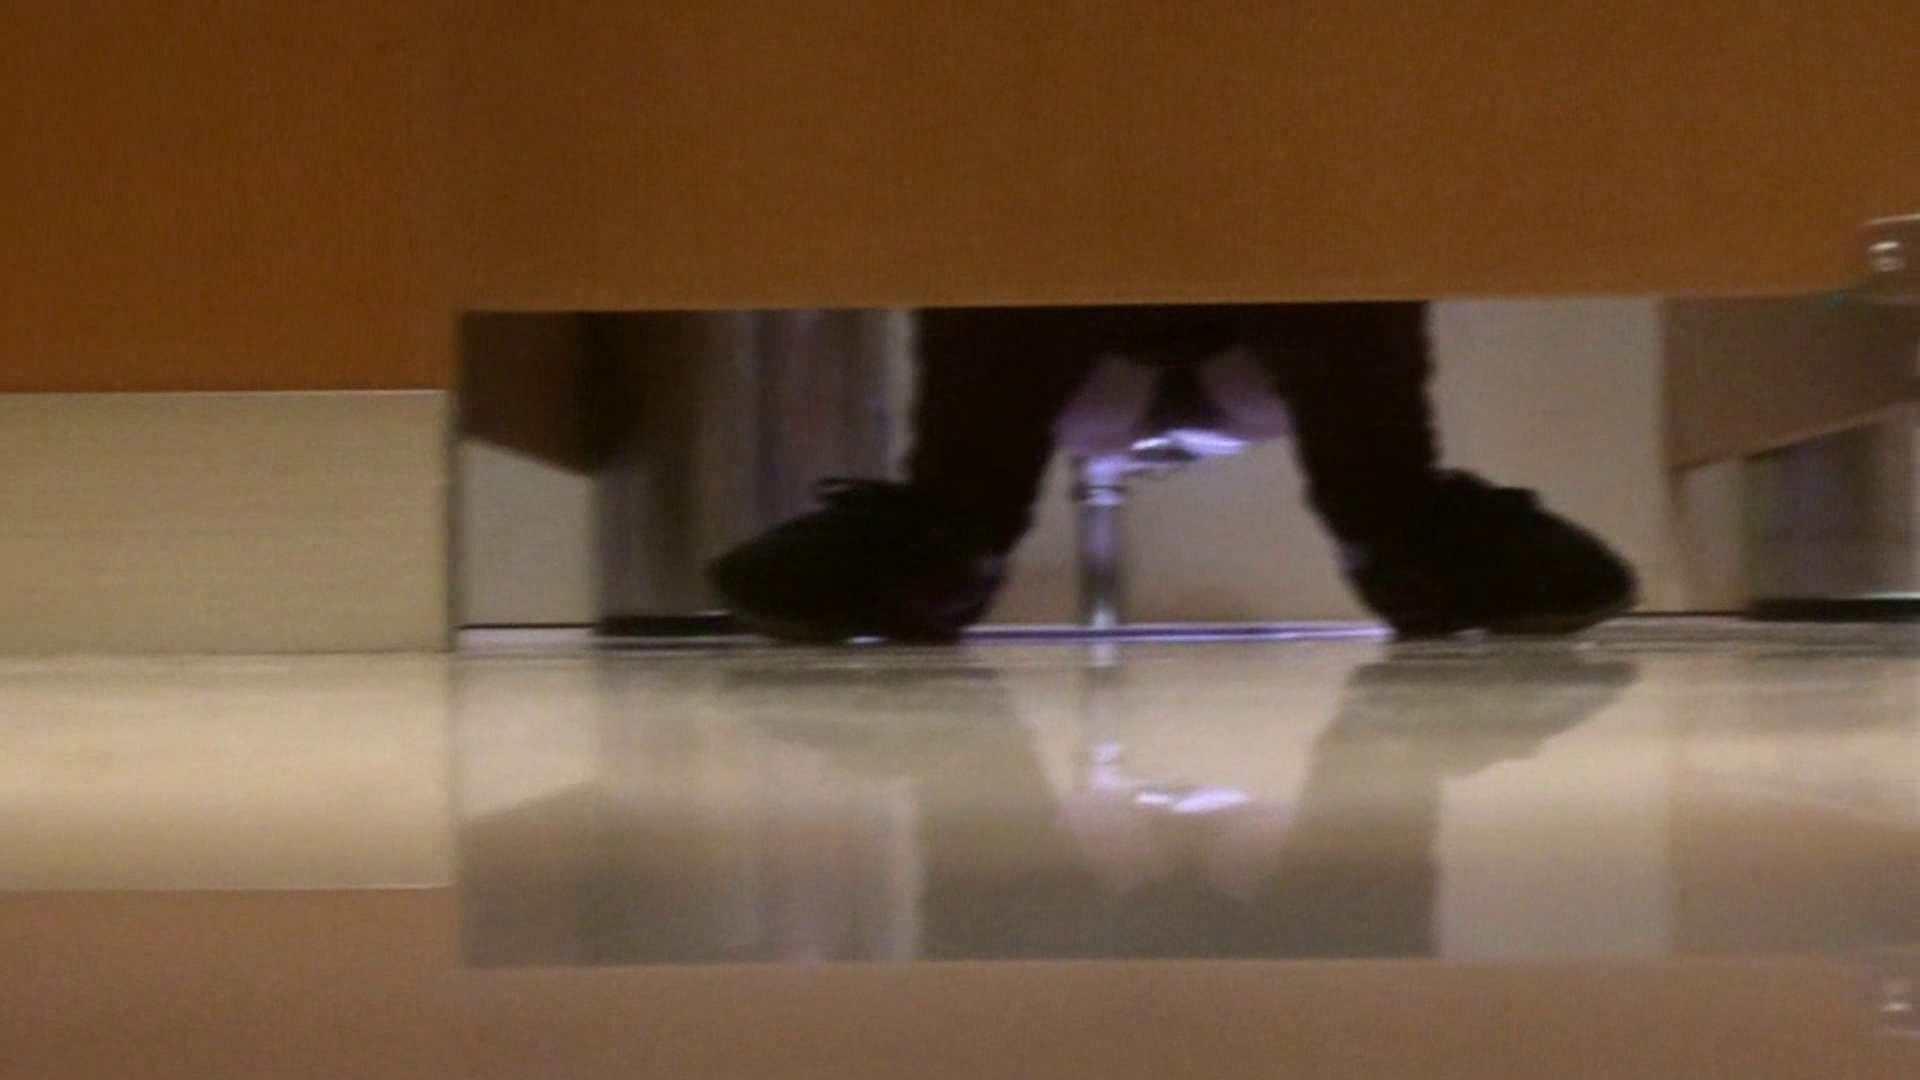 「噂」の国の厠観察日記2 Vol.01 美しいOLの裸体 | 厠隠し撮り  102pic 34